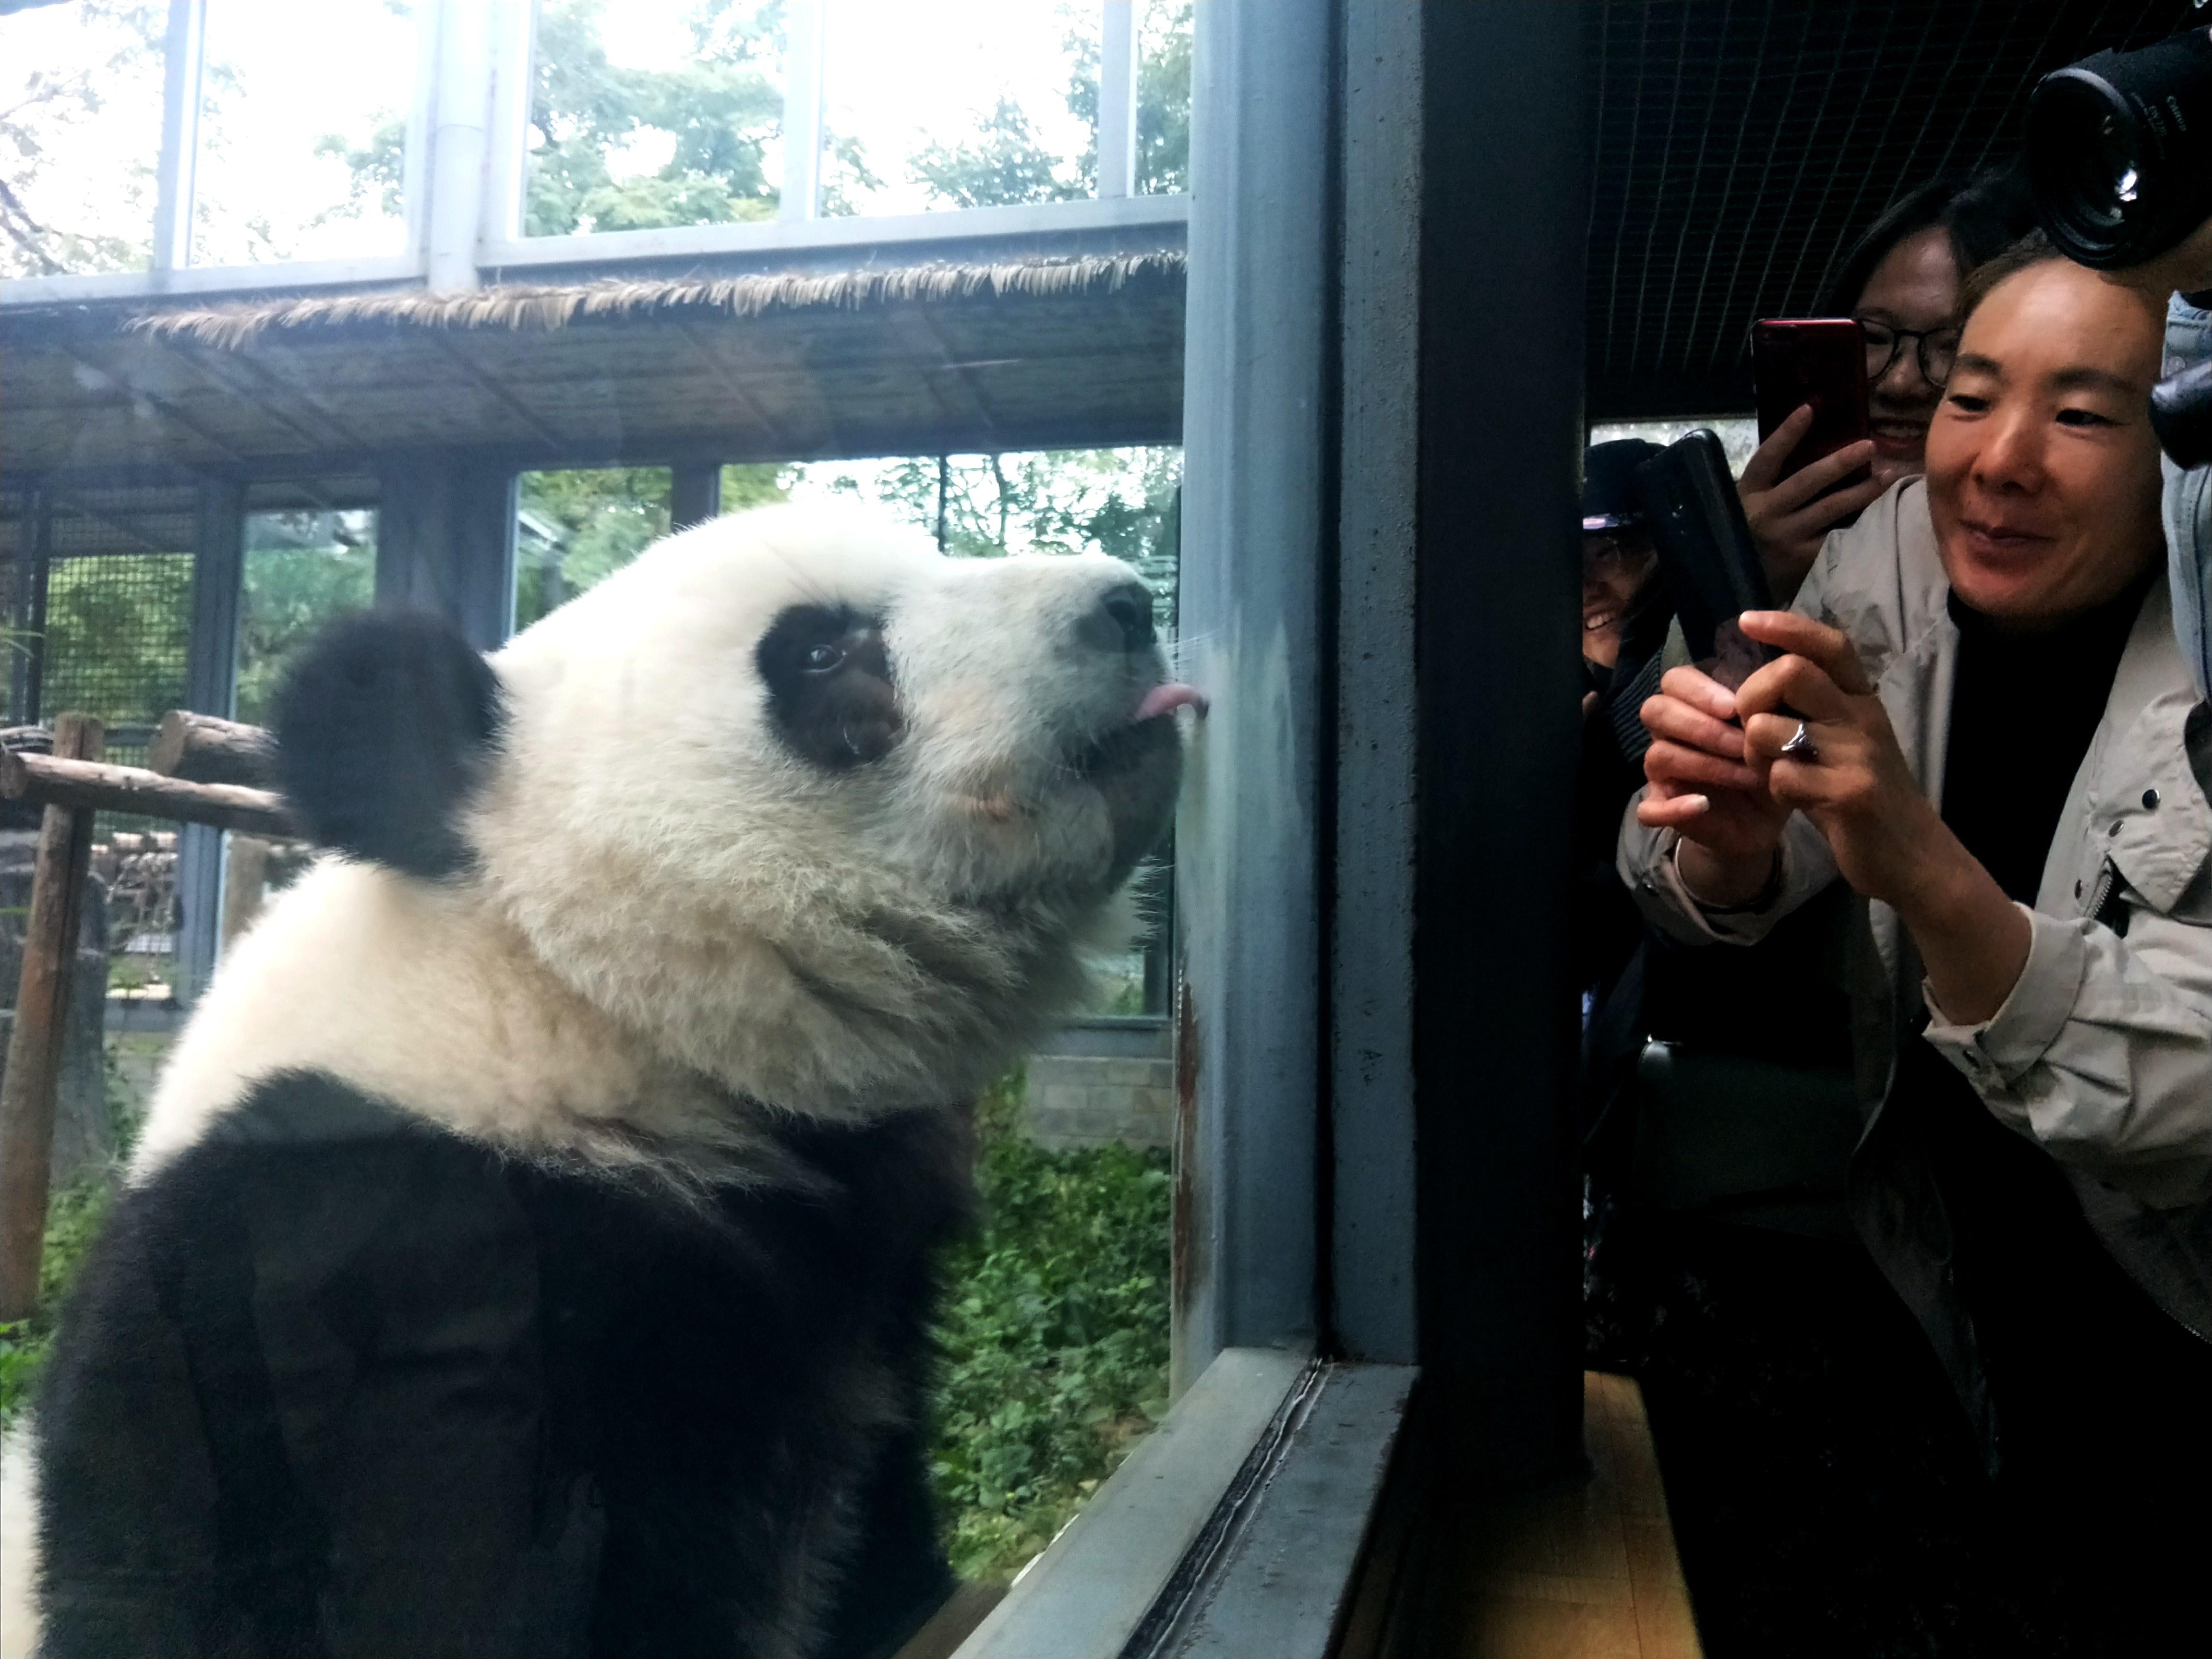 四川から来たパンダの双子姉妹、北京動物園でお披露目